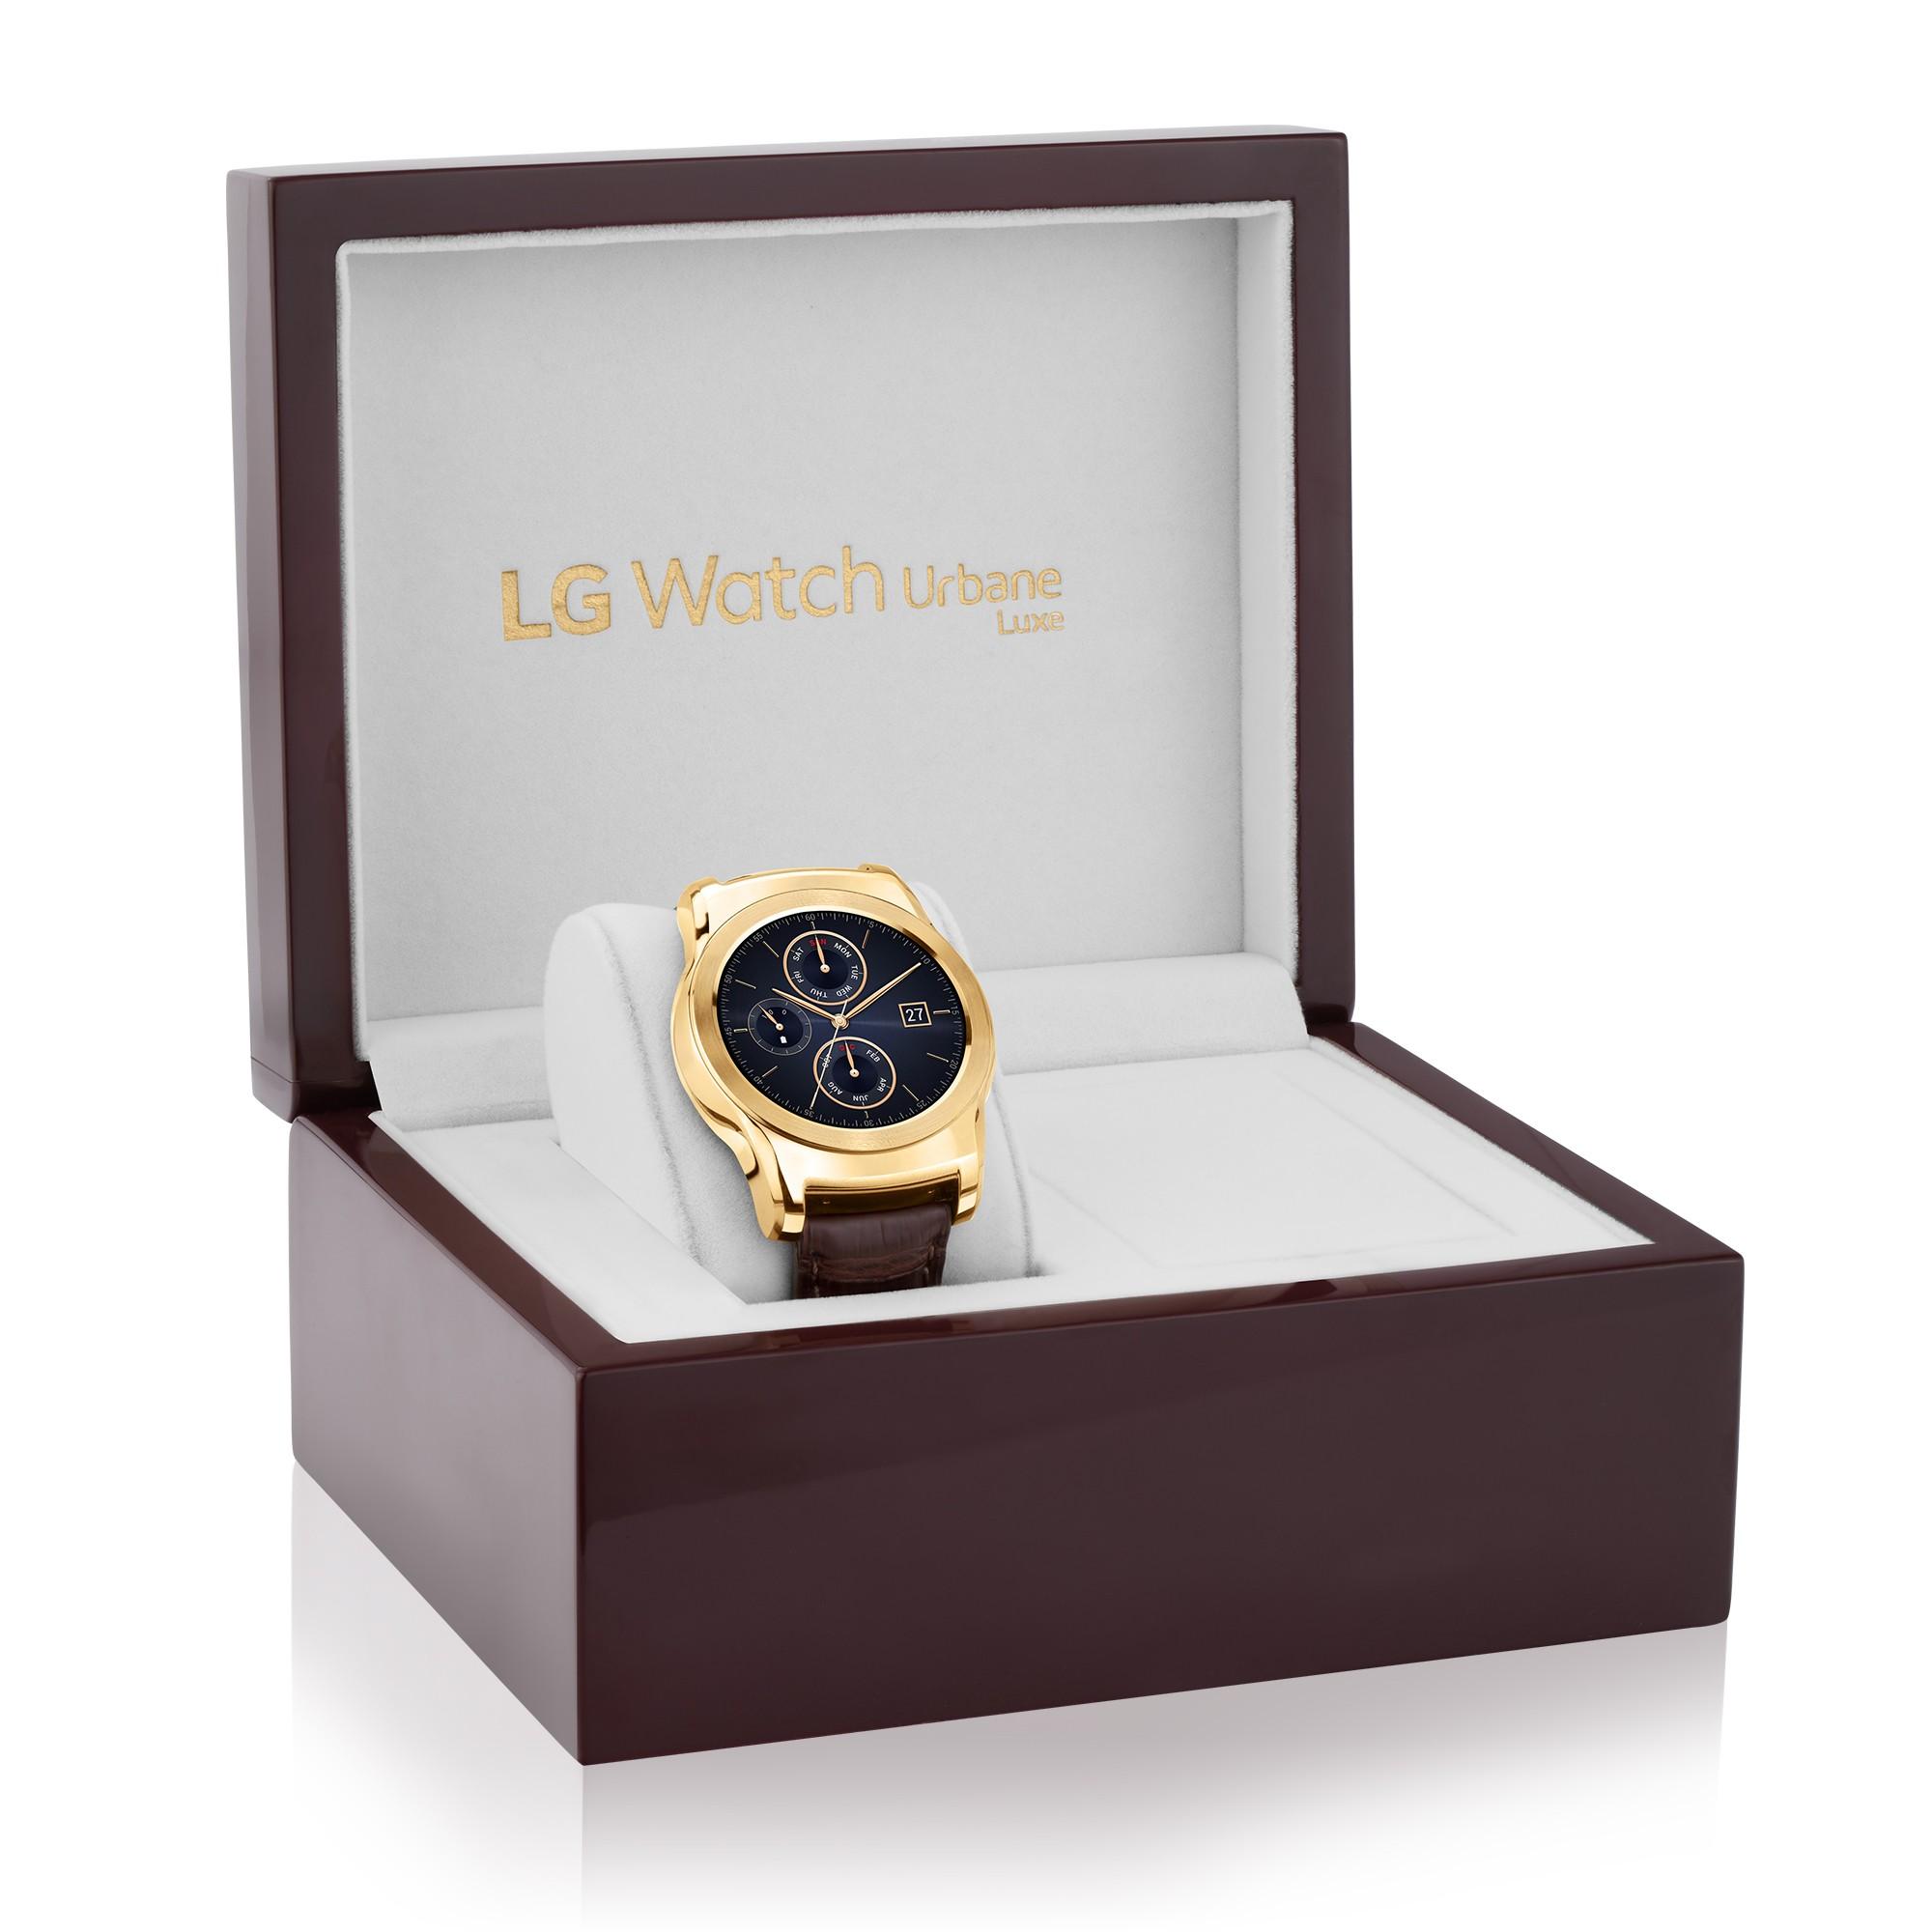 LG-Watch-Urbane-Luxe-Case